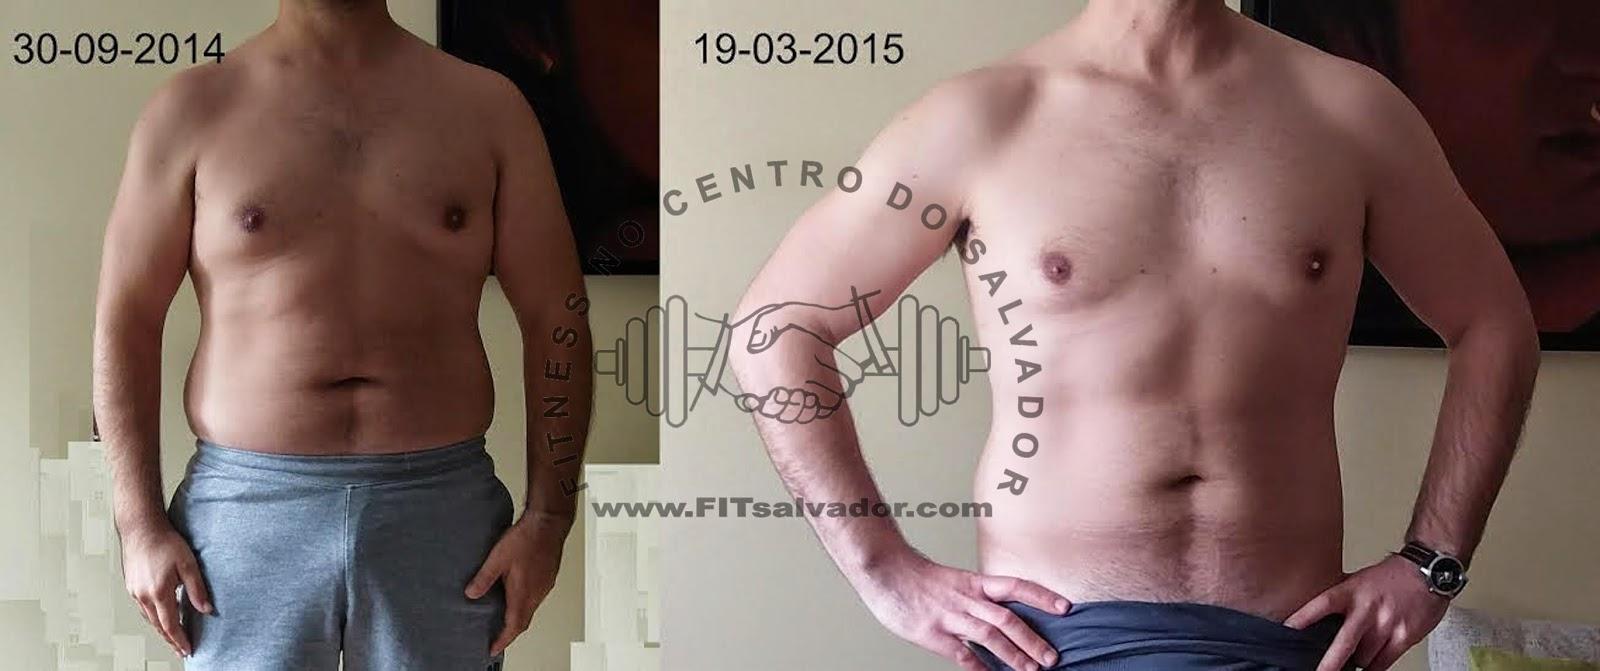 http://www.fitsalvador.com/2015/03/FIT-Lab-6-meses-6kg-gordura-PURA.html